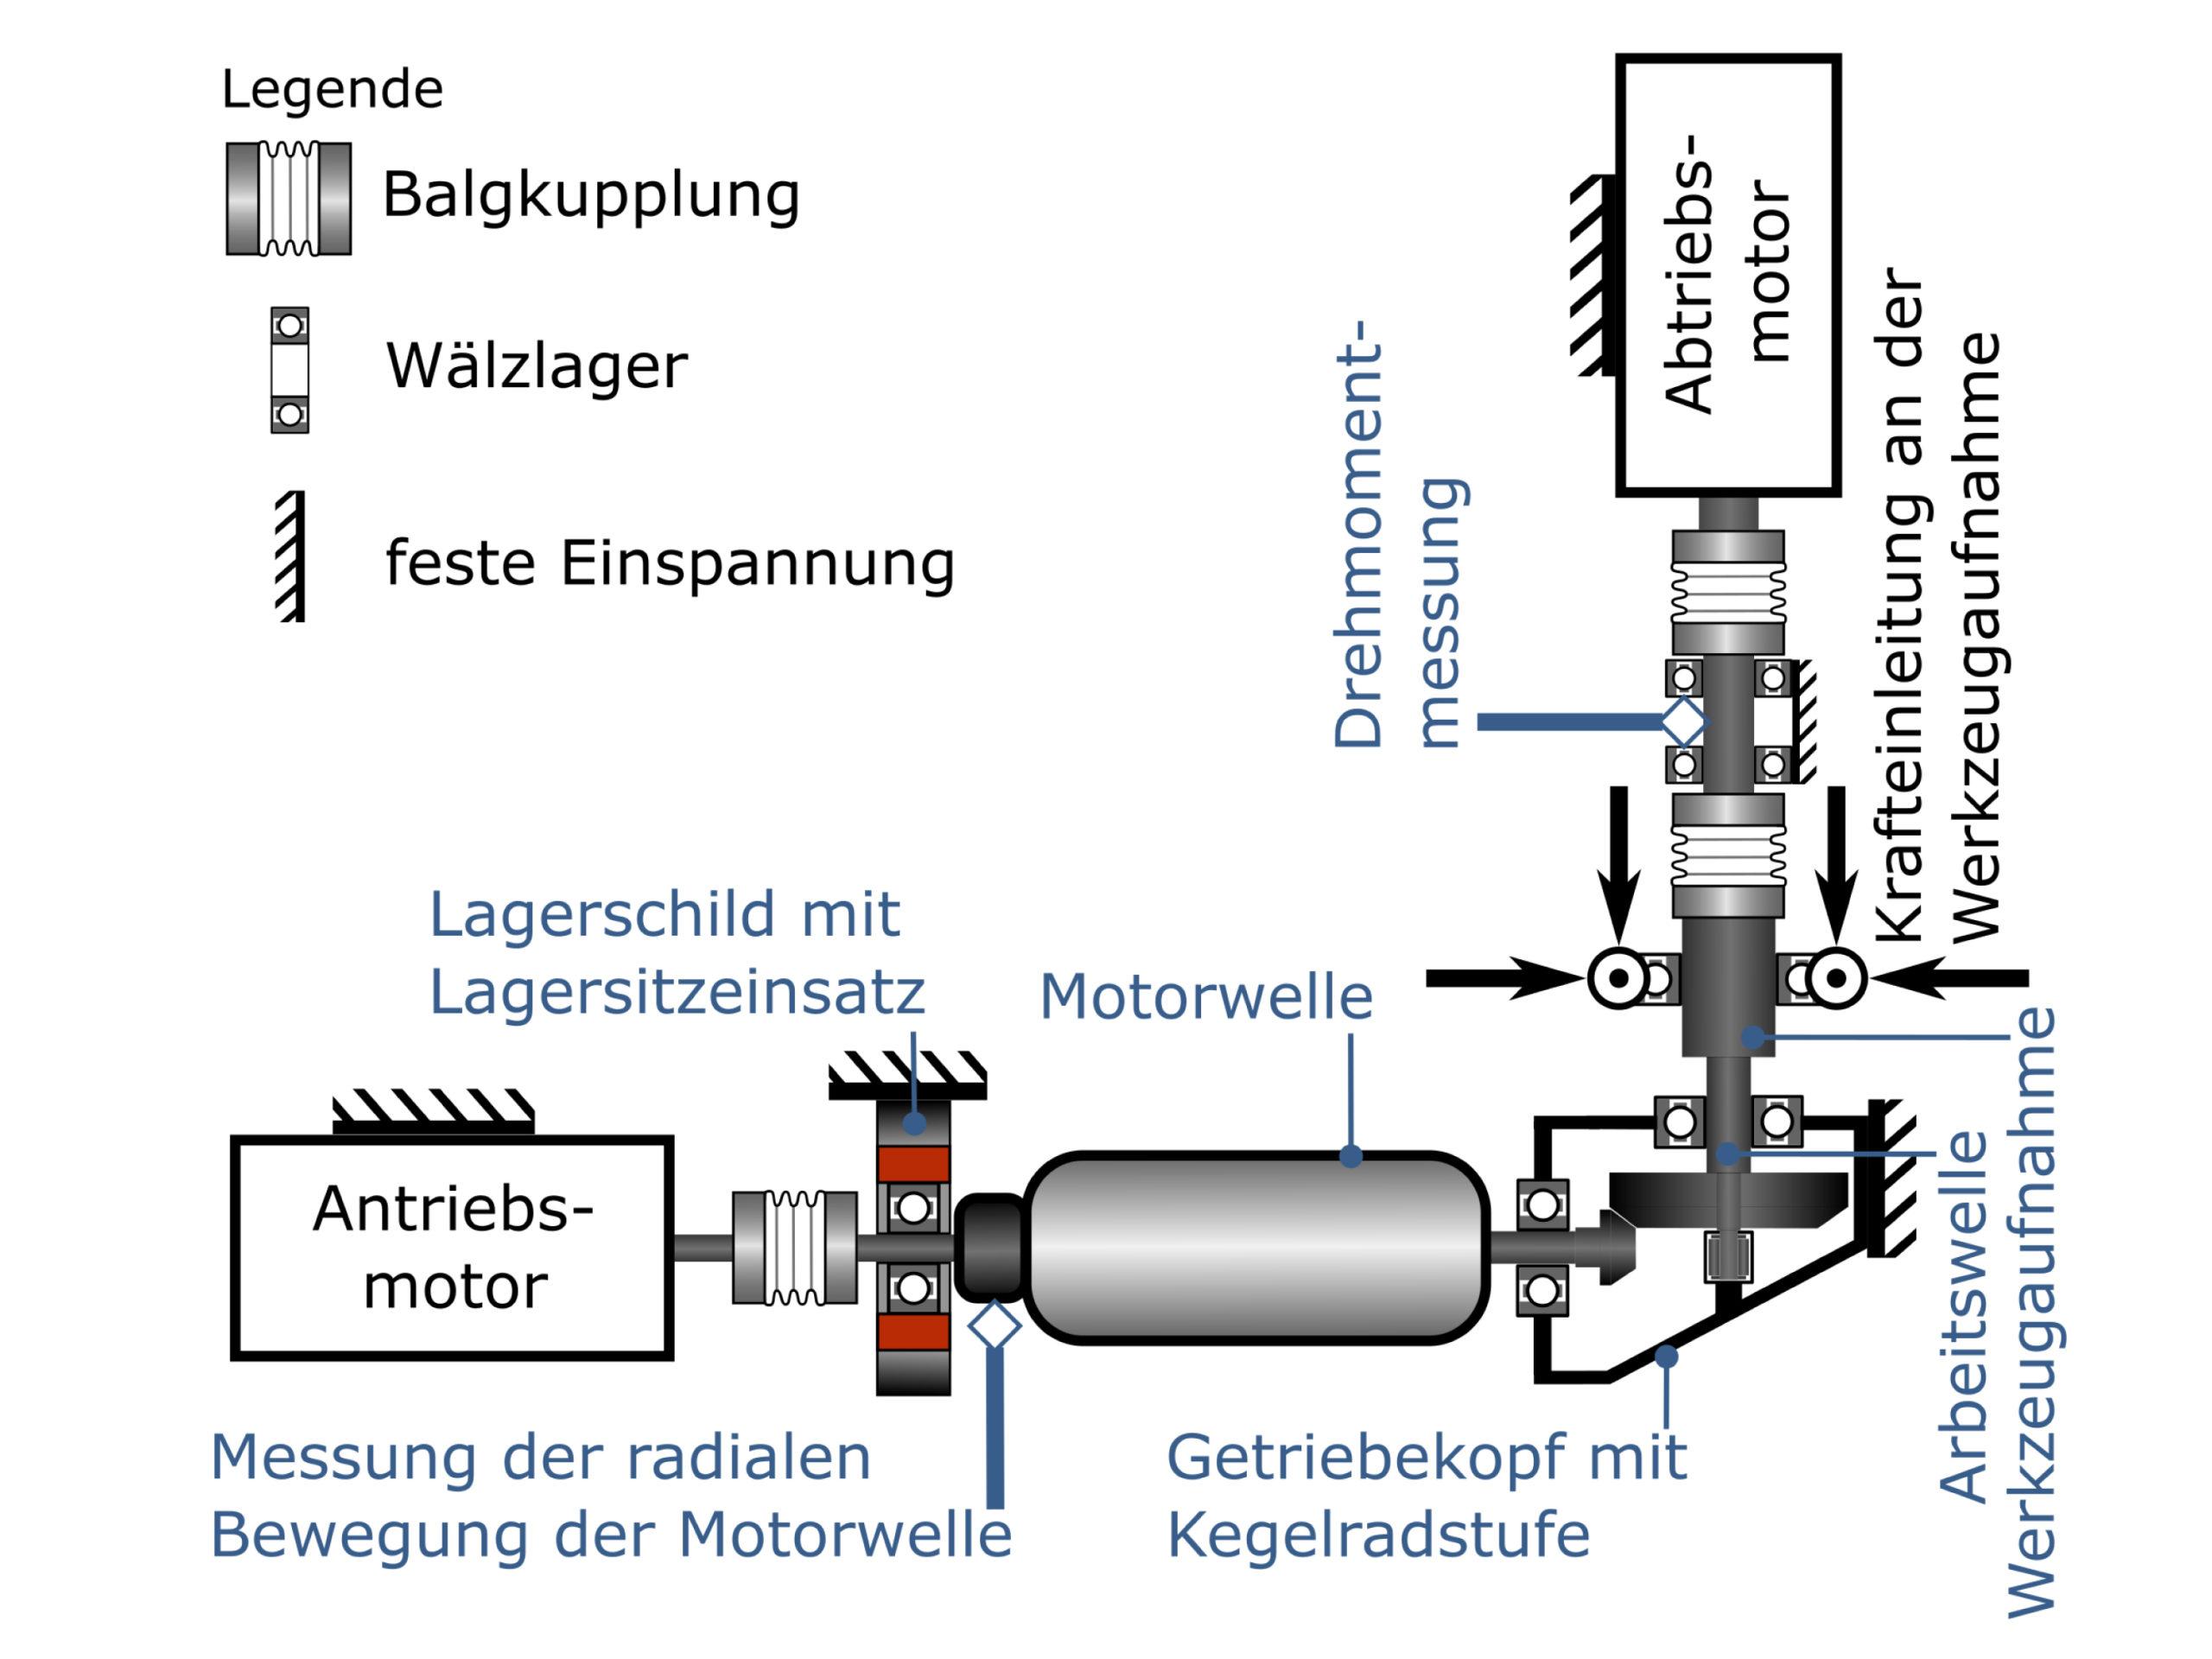 Bild 3: Prinzipdarstellung des Versuchsetups am Teilsystementwicklungsprüfstand. (Bild: Karlsruher Institut für Technologie KIT)